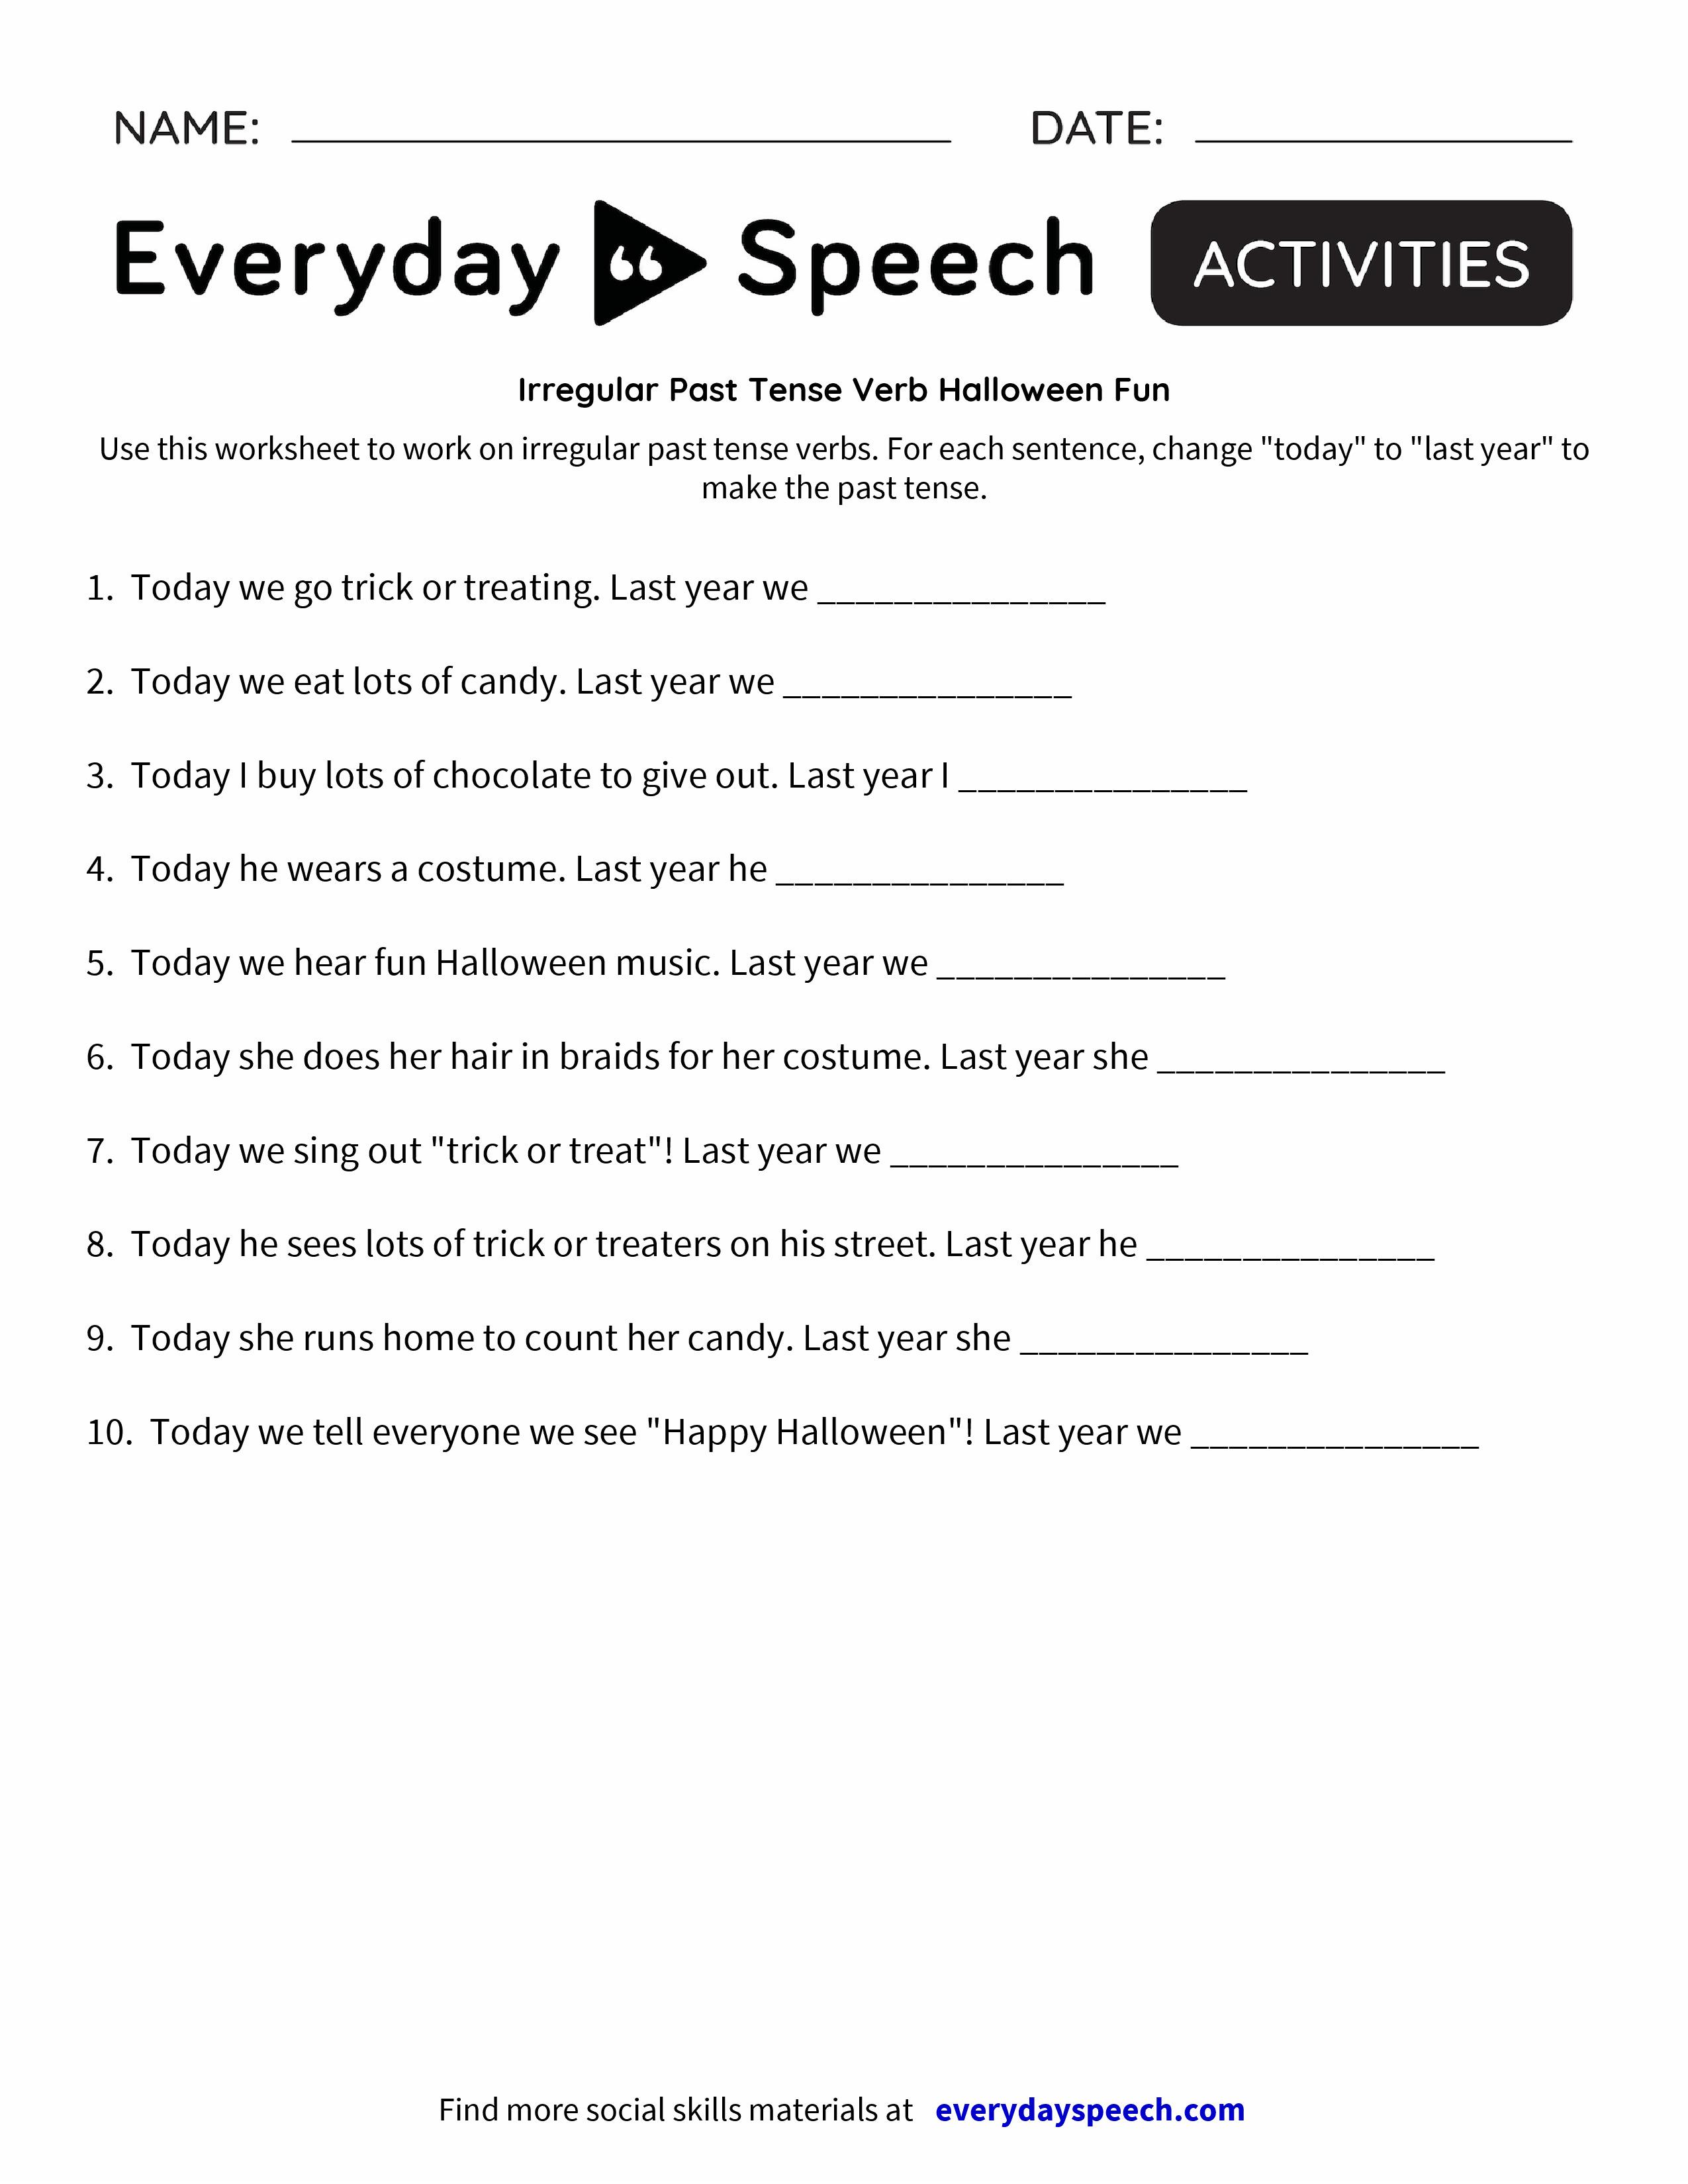 Worksheets Irregular Past Tense Verbs Worksheets irregular past tense verb halloween fun everyday speech preview preview